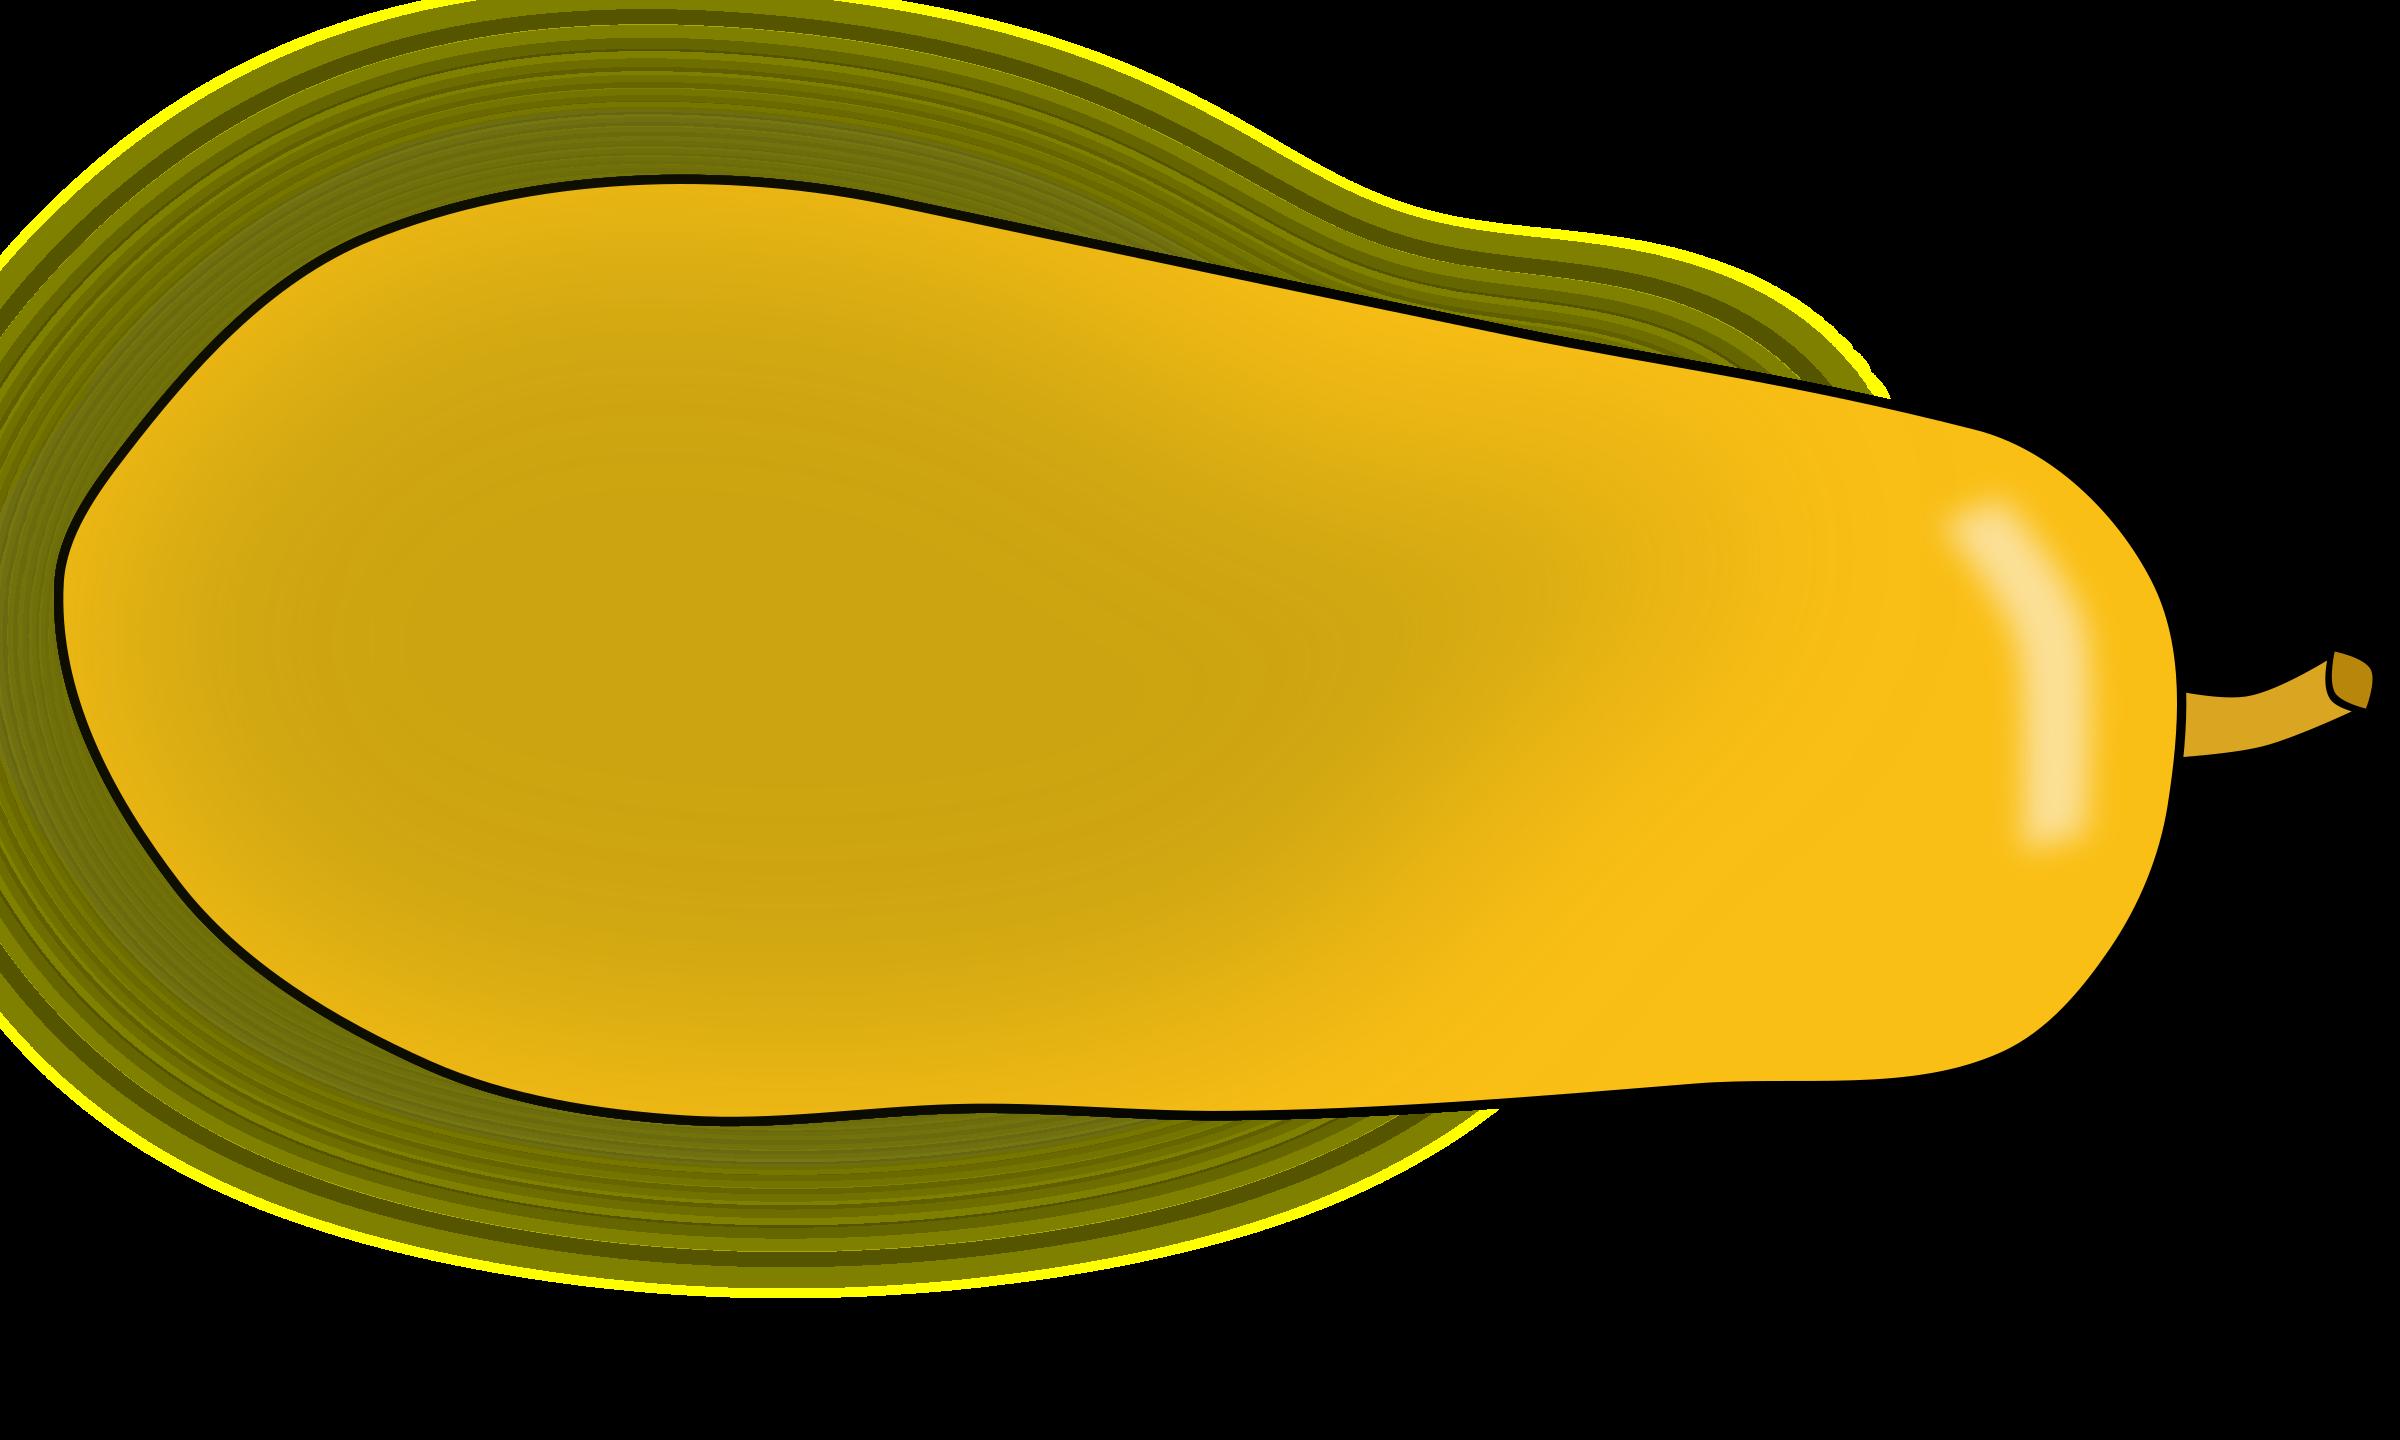 Yellow clipart papaya Papaya Clipart papaya